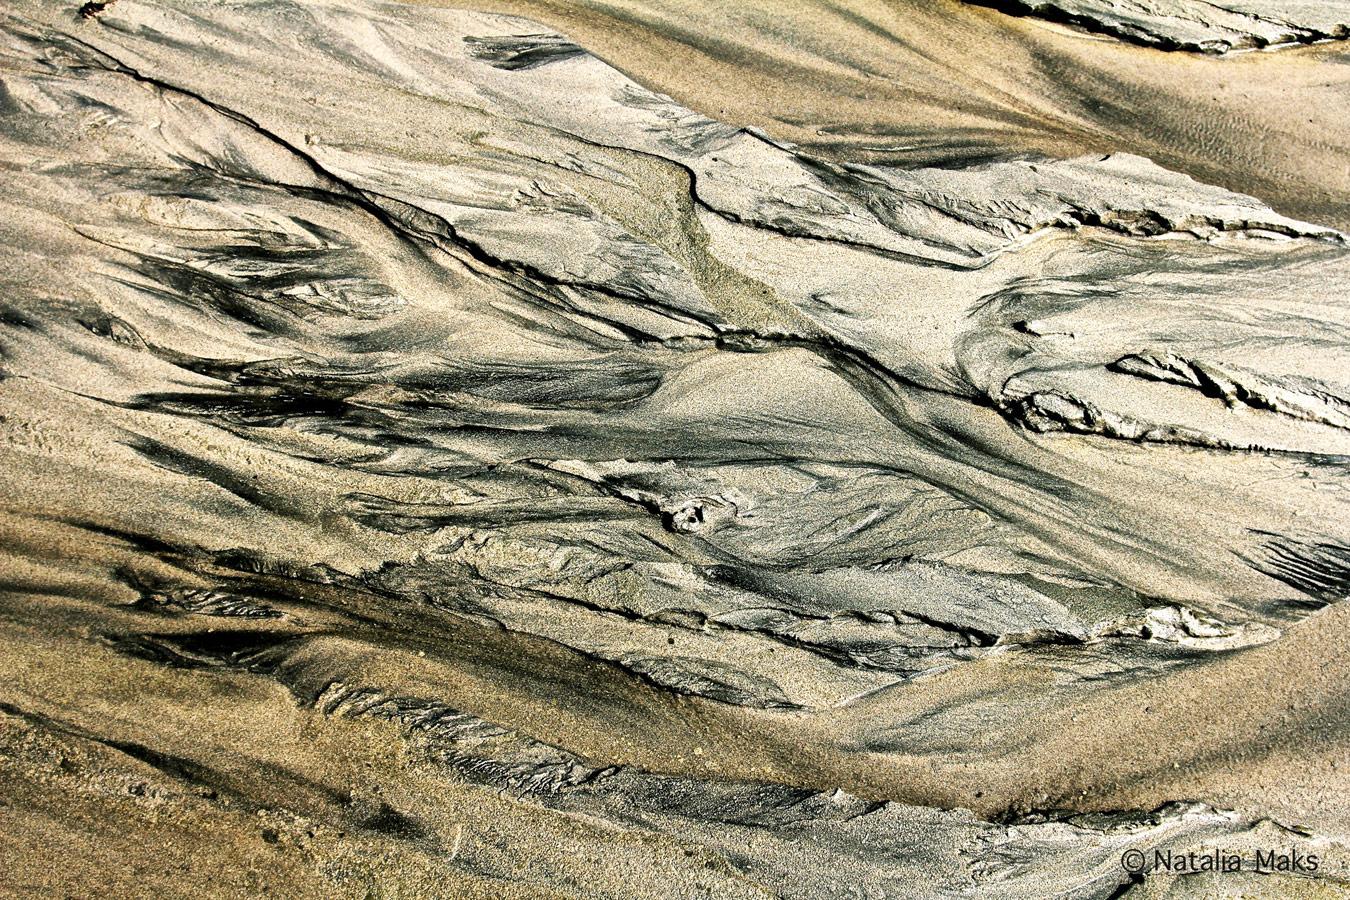 Текстура земли, © Наталия Макс, Форт-Ли, Нью-Джерси, США, Финалист категории «Пейзажи» : Любитель, Конкурс фотографии «Перспективы» — Perspectives PhotoPlus Expo